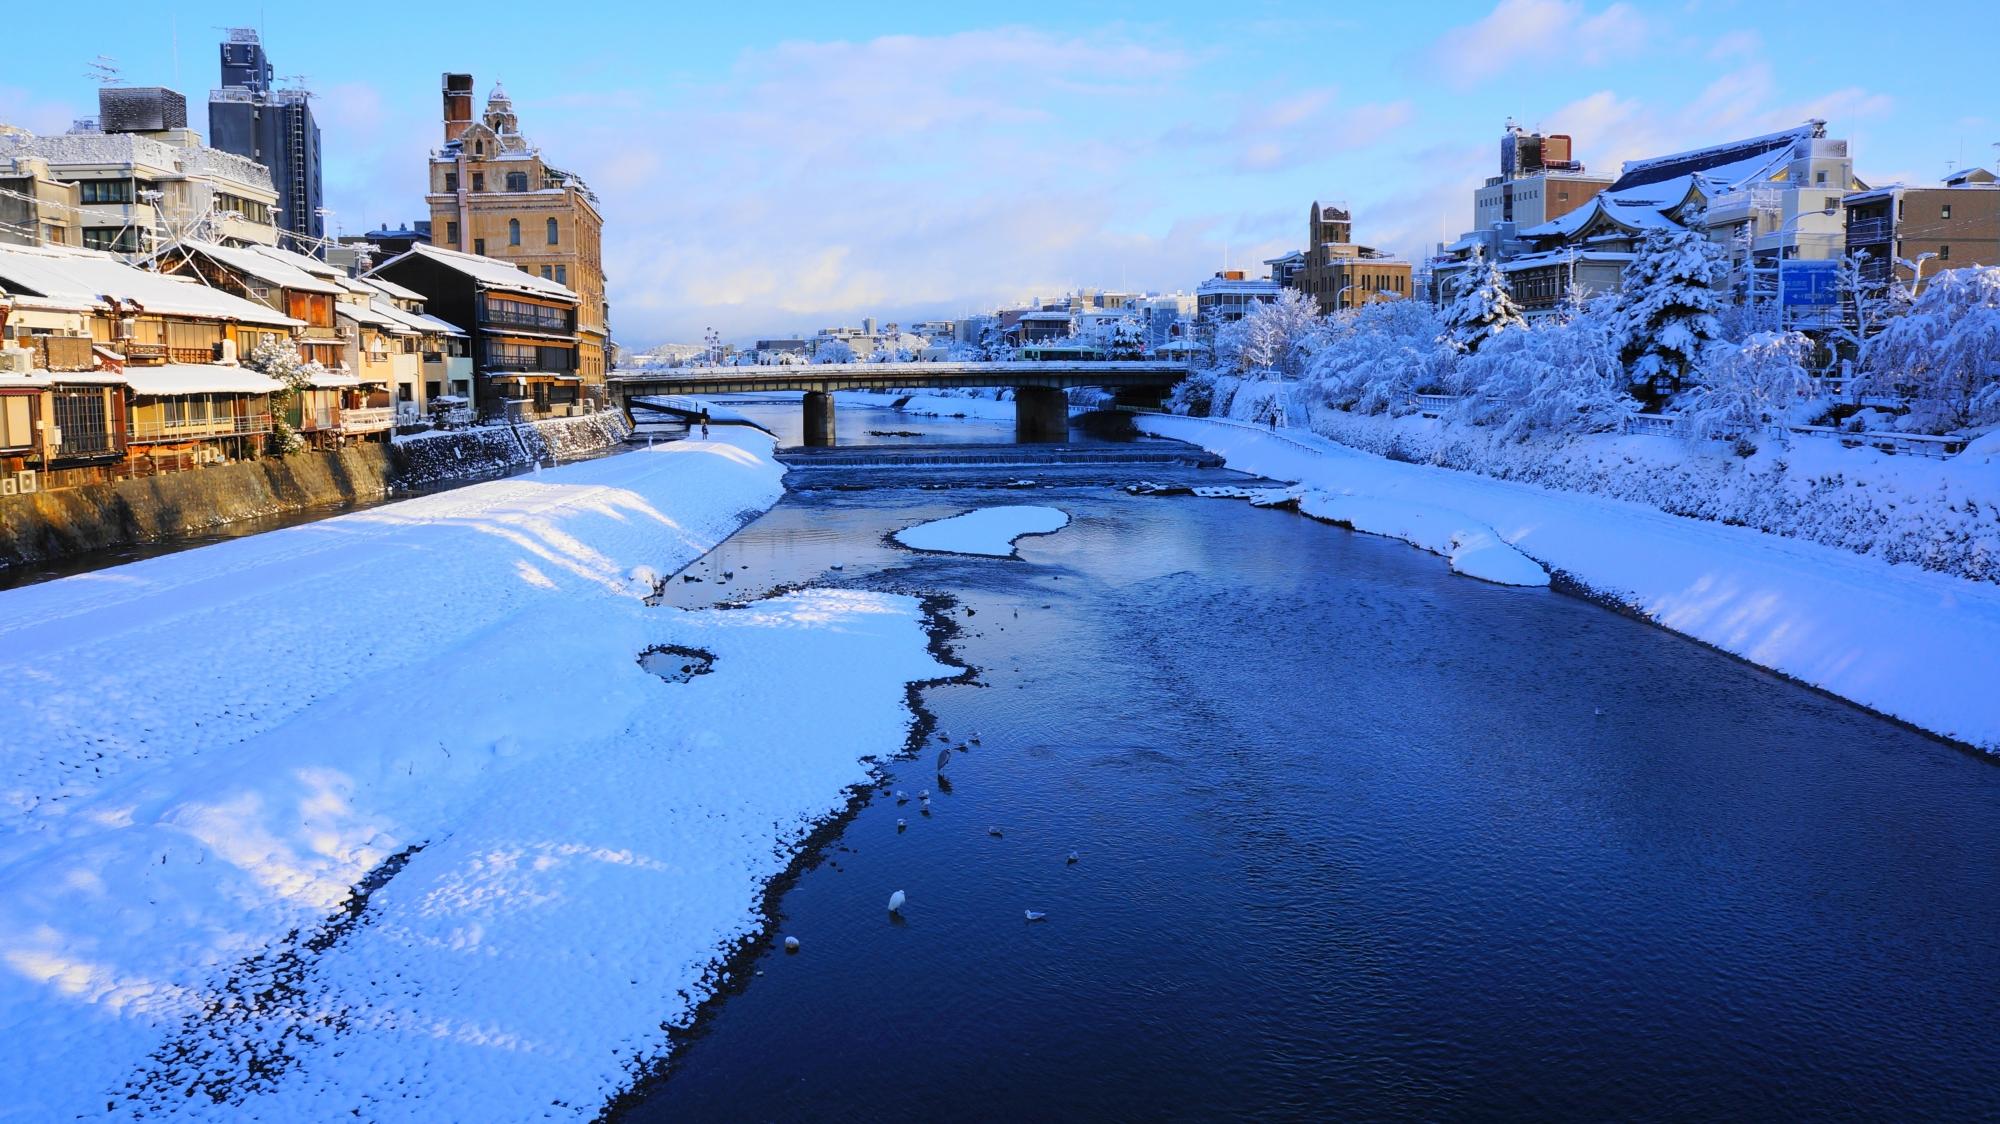 鴨川と四条大橋の雪景色